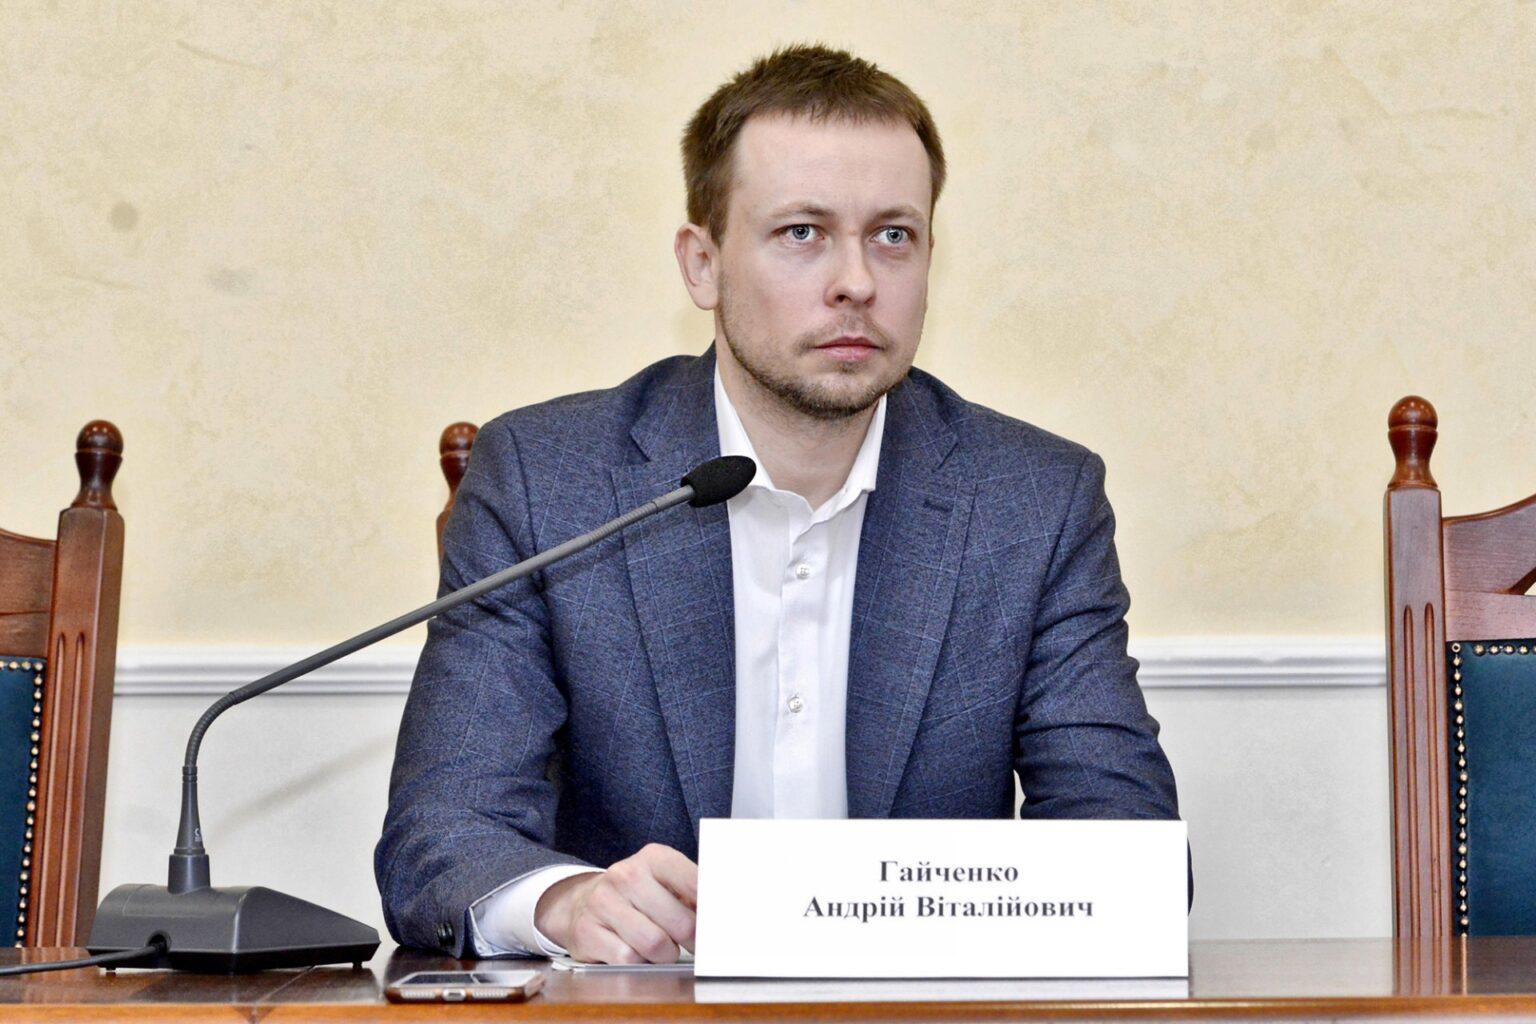 Андрій Гайченко